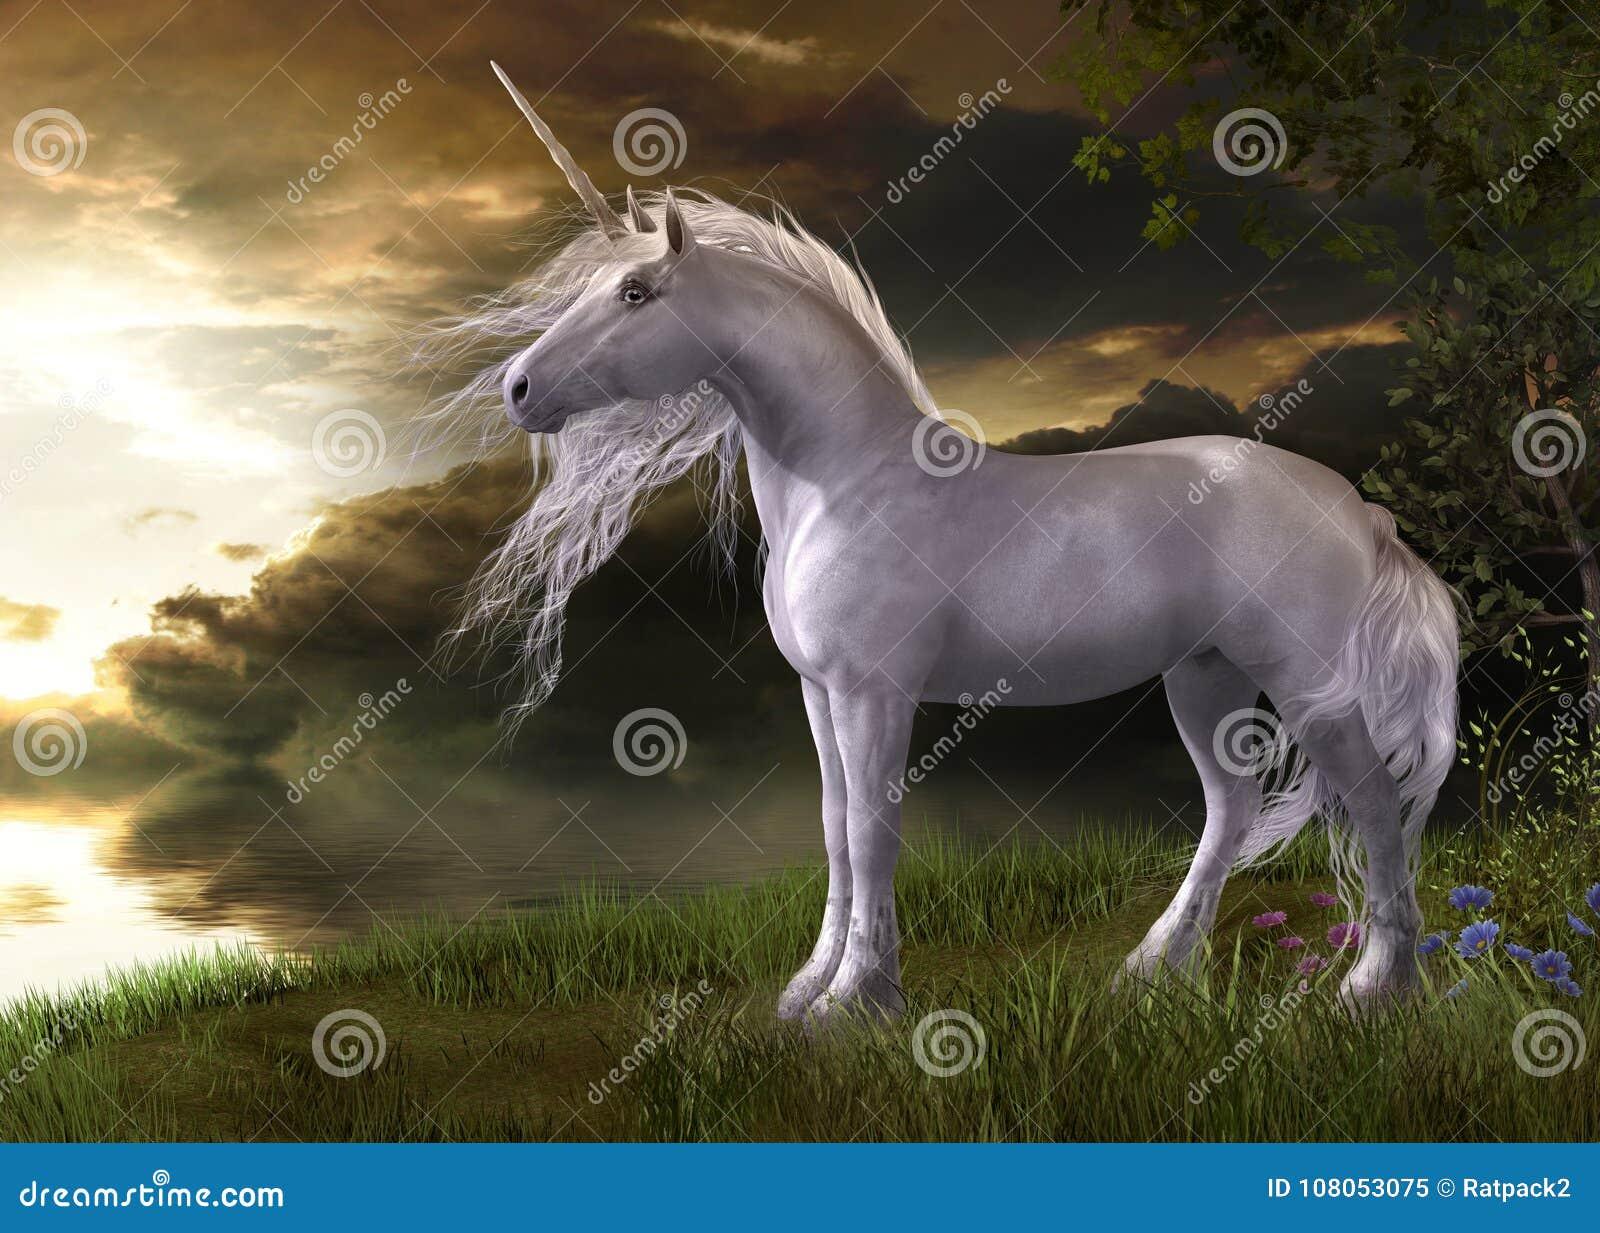 Enchanting White Unicorn Watching a Sunset